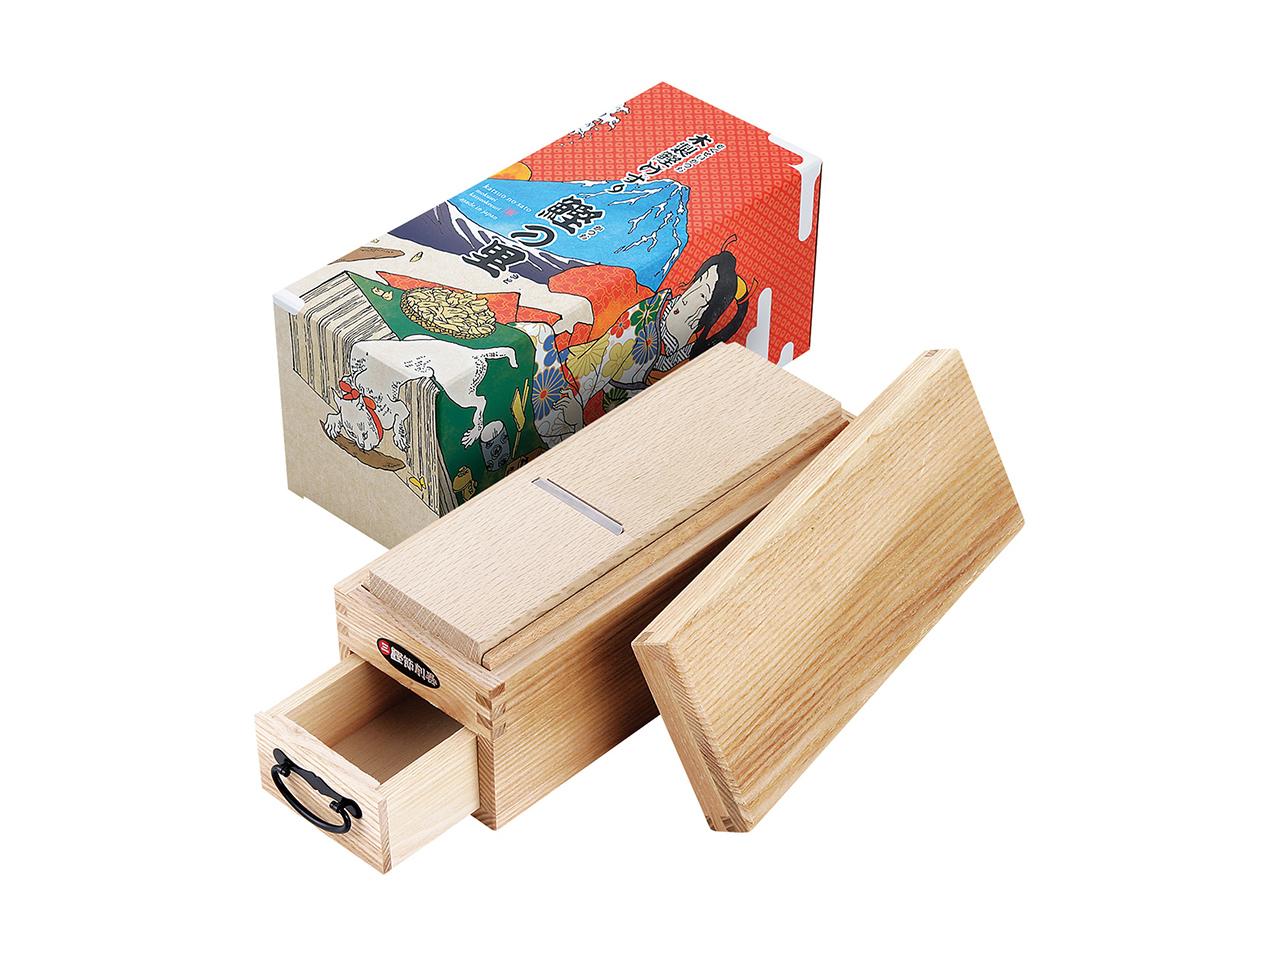 鰹節削り器 「鰹箱 鰹の里」 すべり止めシール付(shop限定セット)